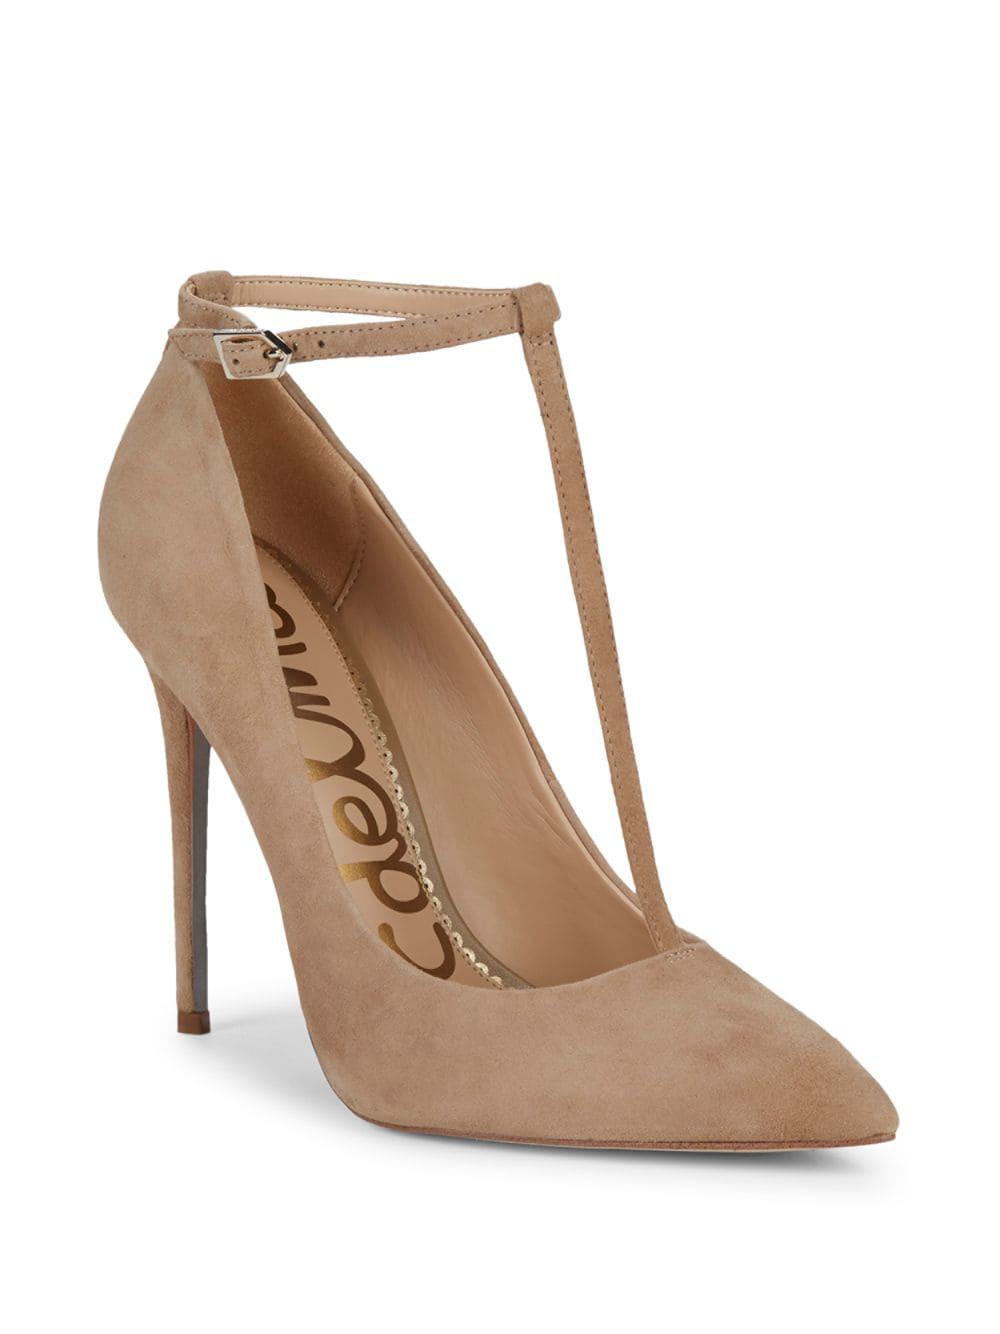 50471636781 Lyst - Sam Edelman Dorinda Ankle-strap Suede Stiletto Pumps in Natural